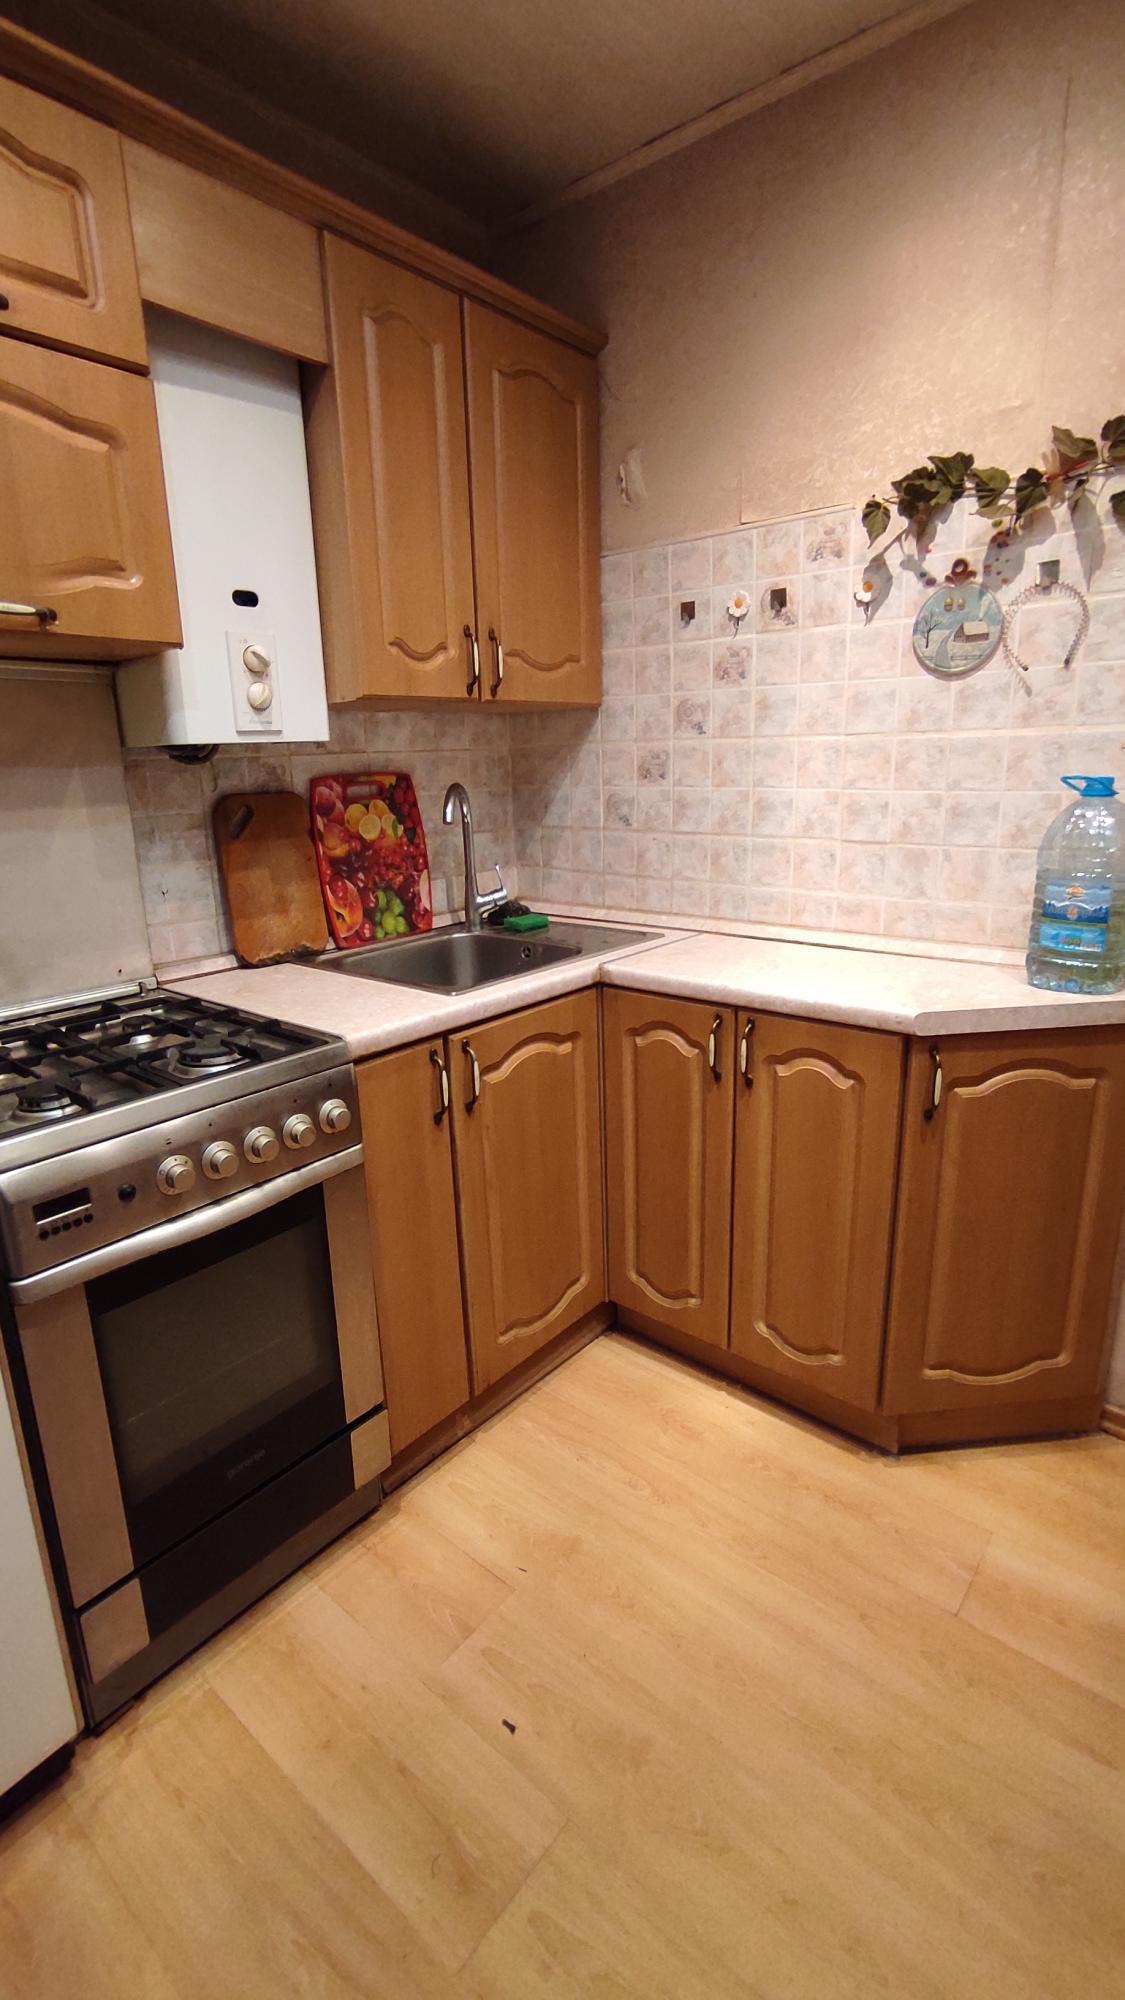 Квартира, 2 комнаты, 43.5 м² в Люберцах 89859757413 купить 8